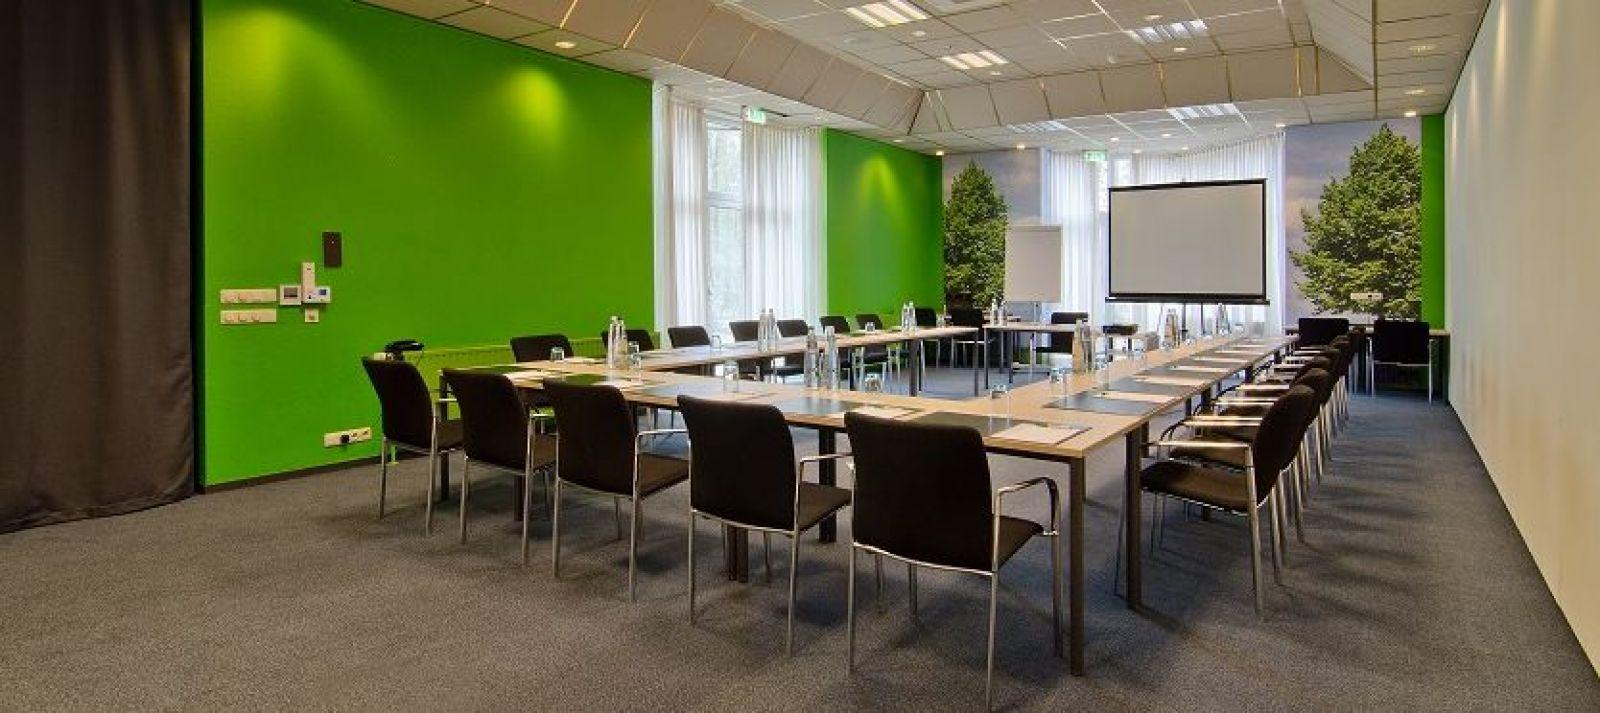 8 uurs vergaderarrangement in Midden Limburg - Vergaderen in de natuur!